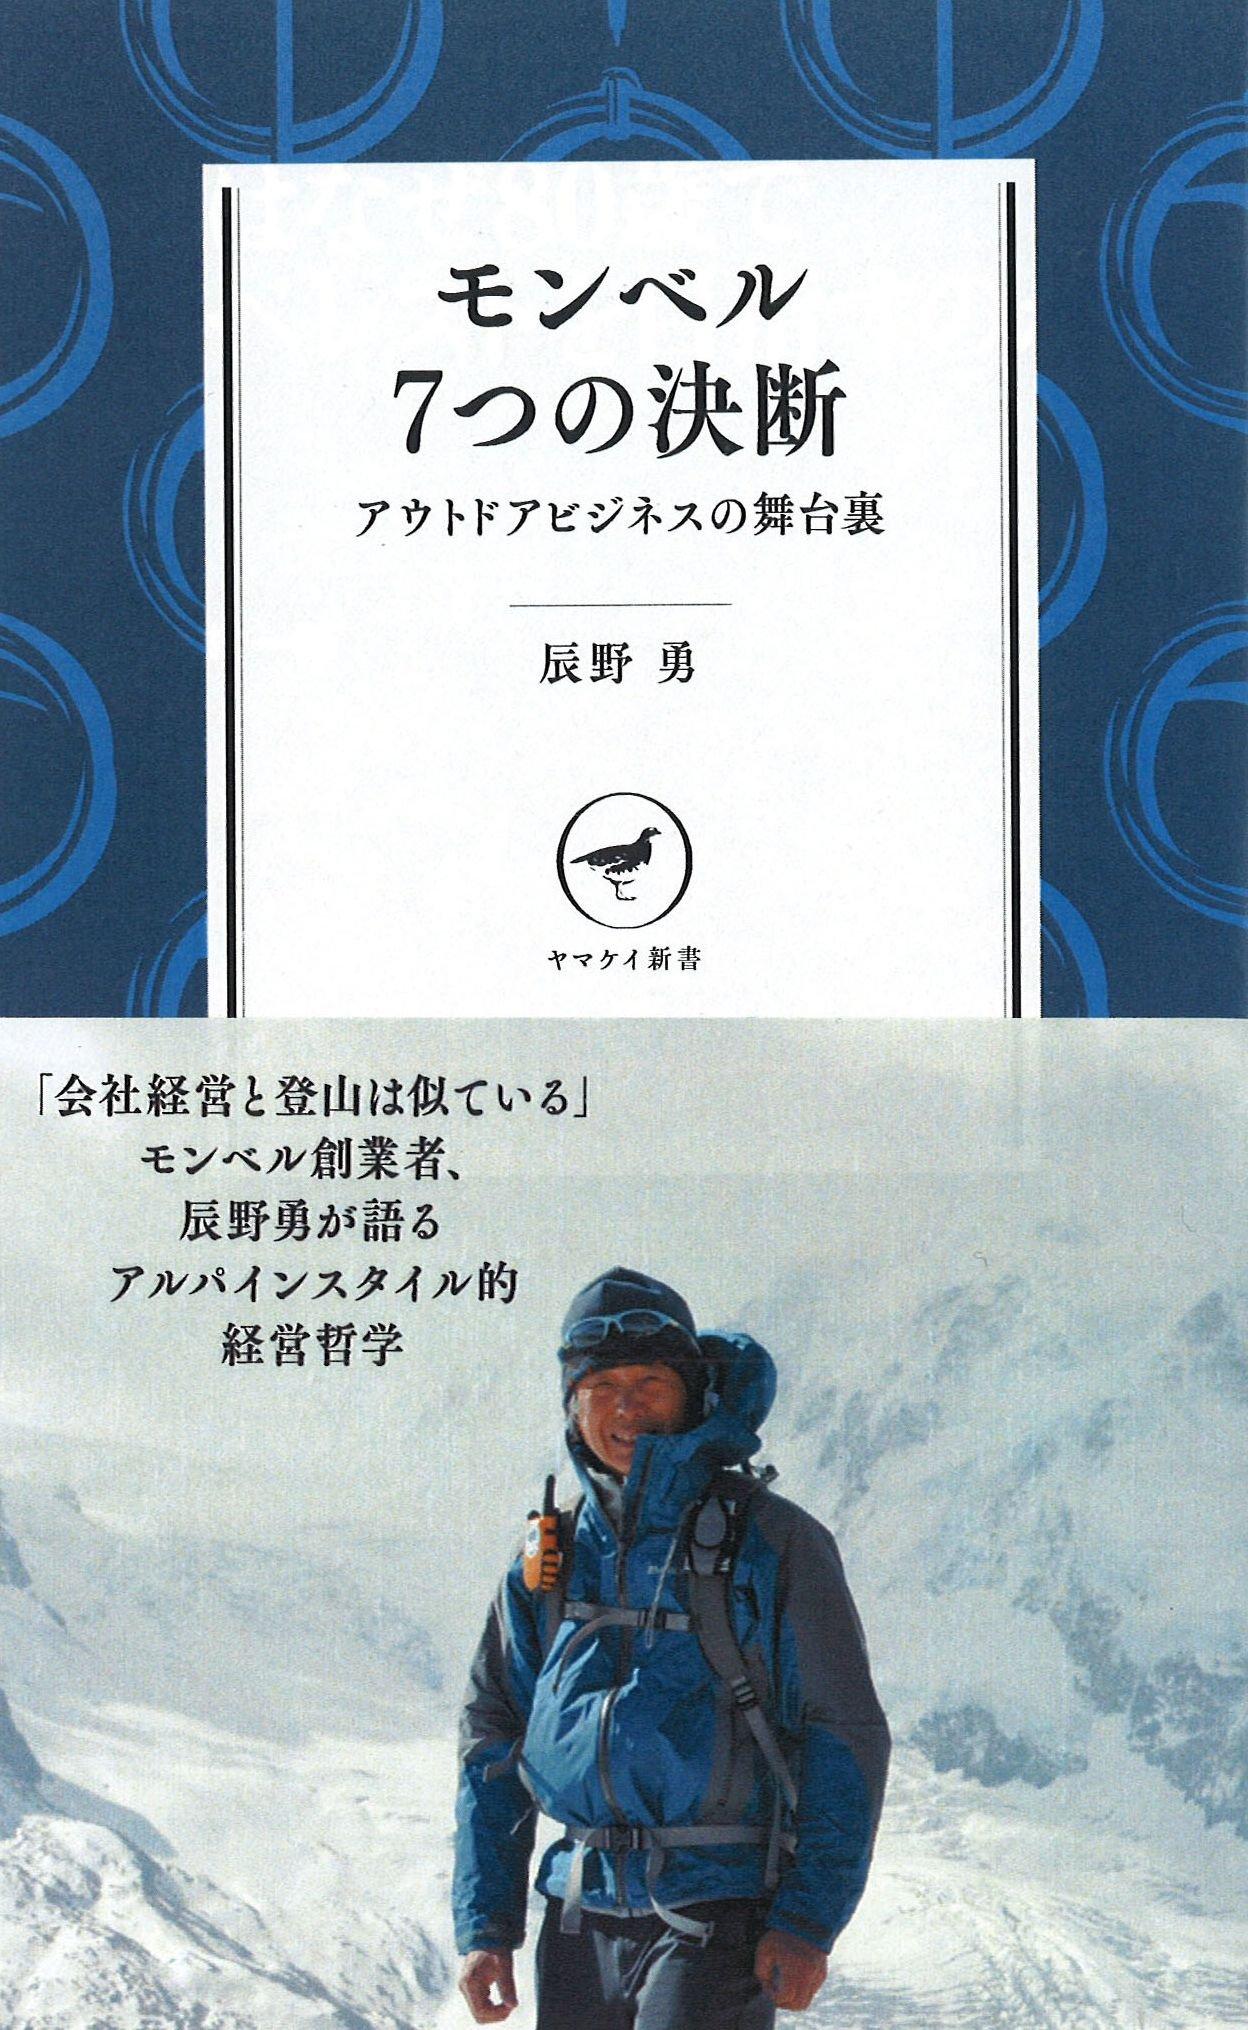 辰野勇「モンベル 7つの決断」